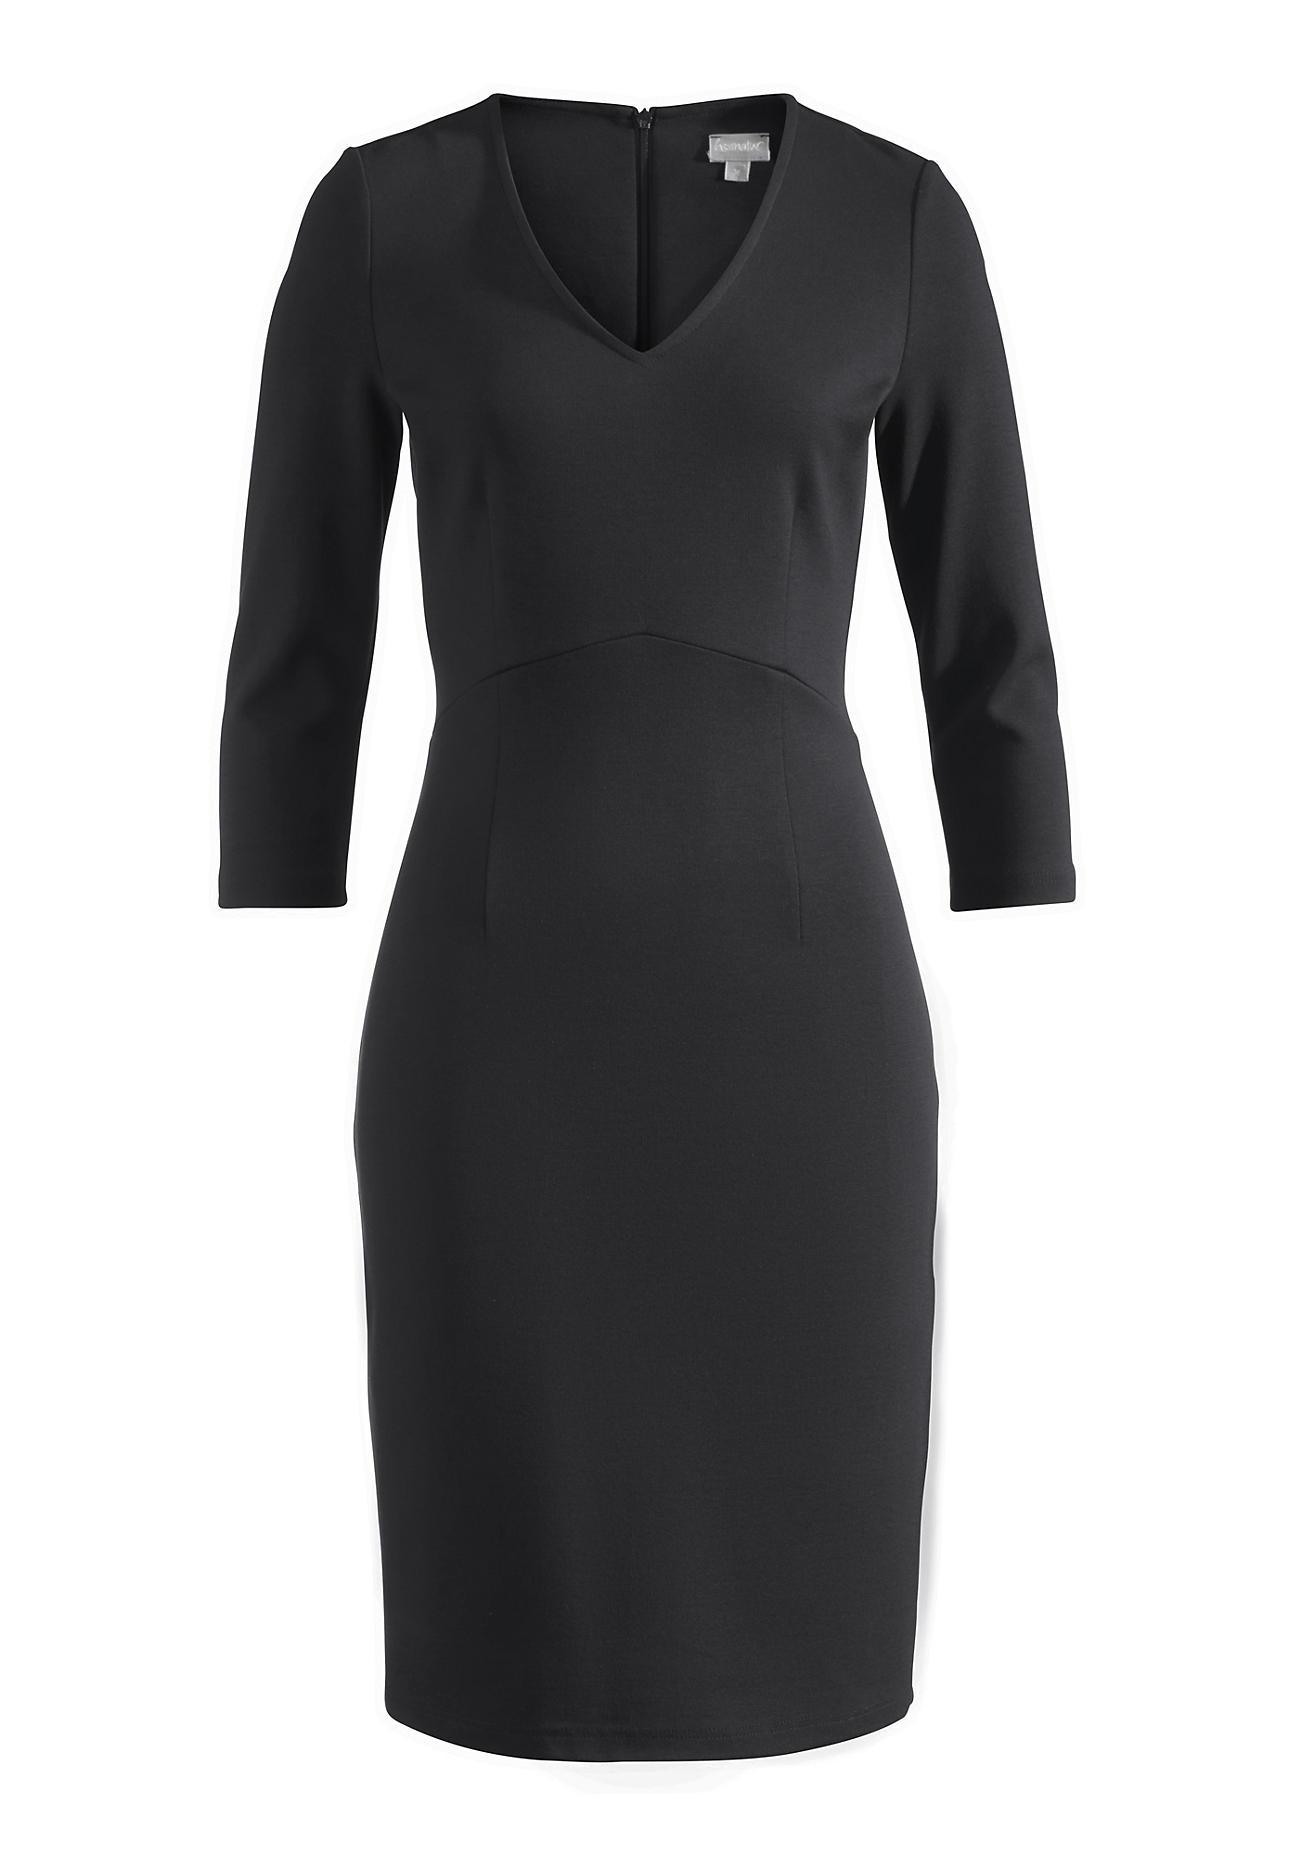 hessnatur -  Damen Kleid aus Bio-Baumwolle mit Modal – schwarz – Größe 48